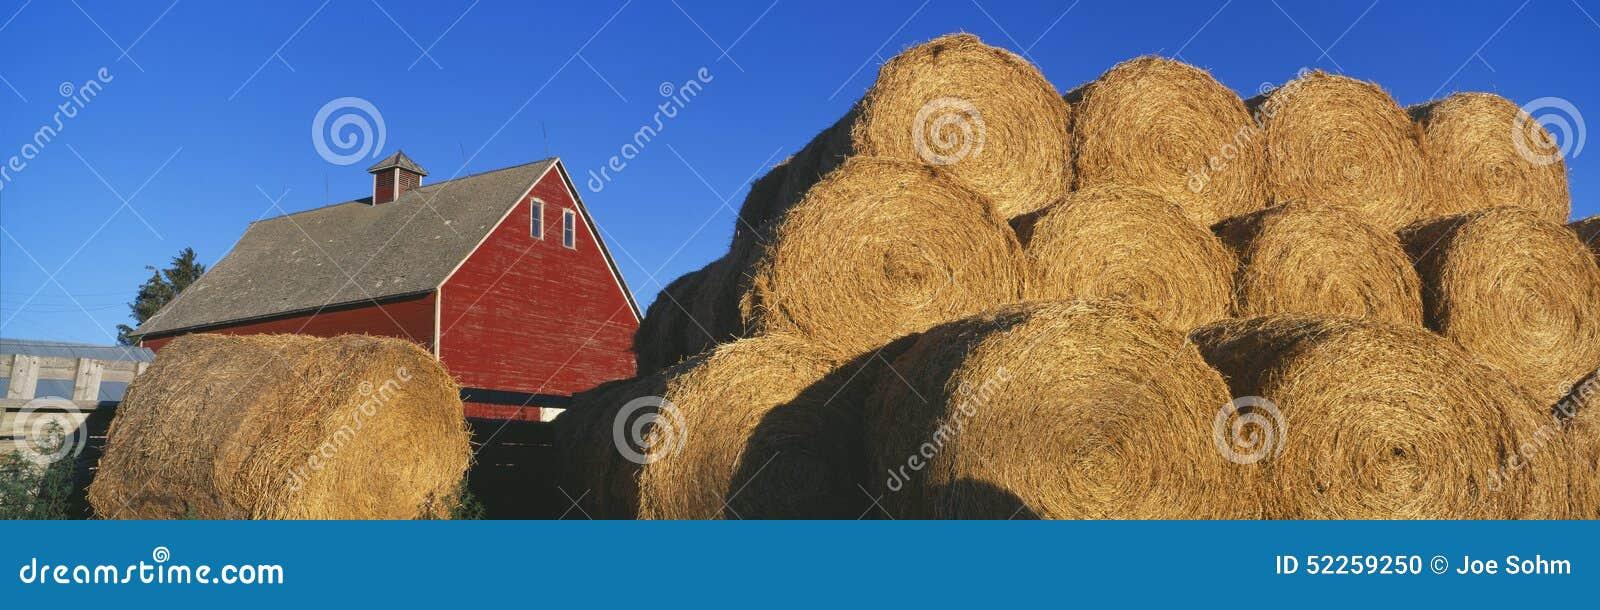 Κόκκινες σιταποθήκη και θυμωνιές χόρτου, πτώσεις του Αϊντάχο